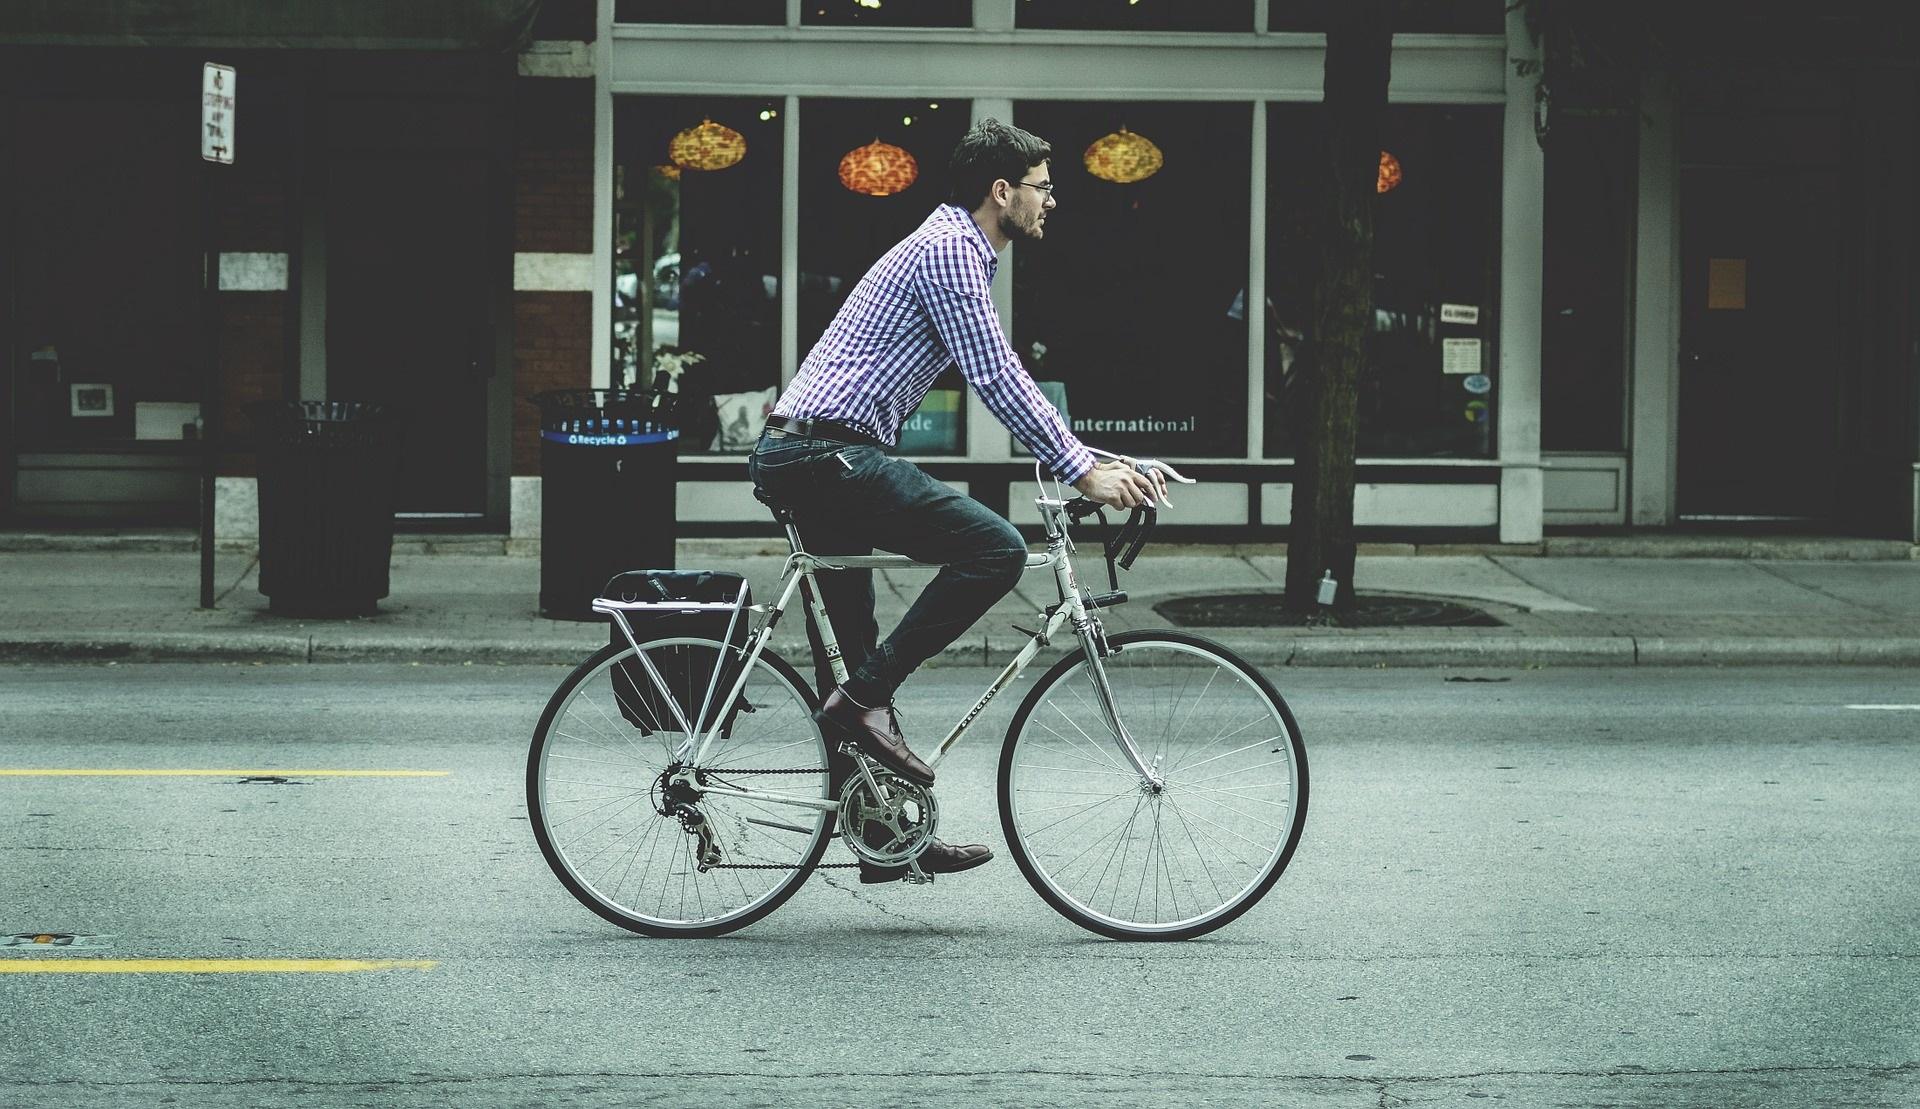 自転車通勤を認めている企業が気を付けなければいけないこと